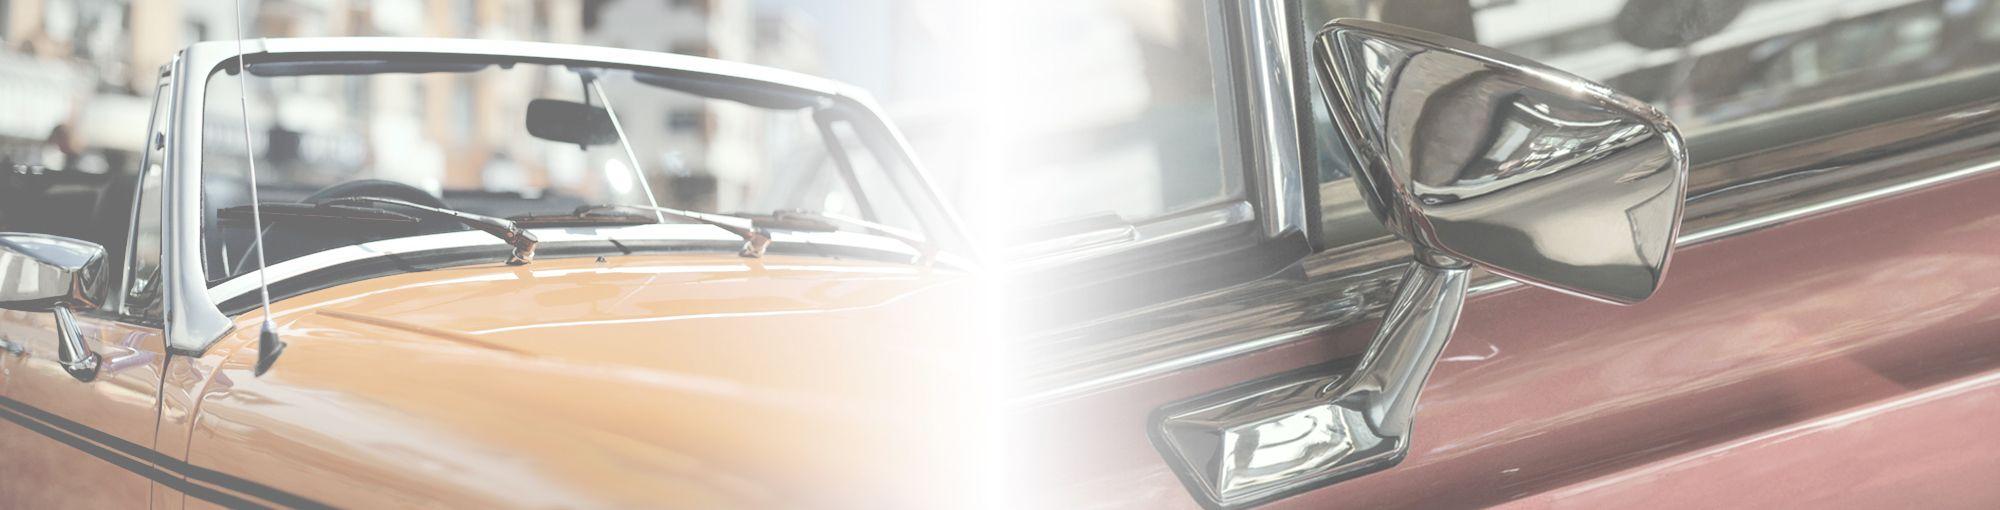 Klassiset auton pyyhkimet ja peilit